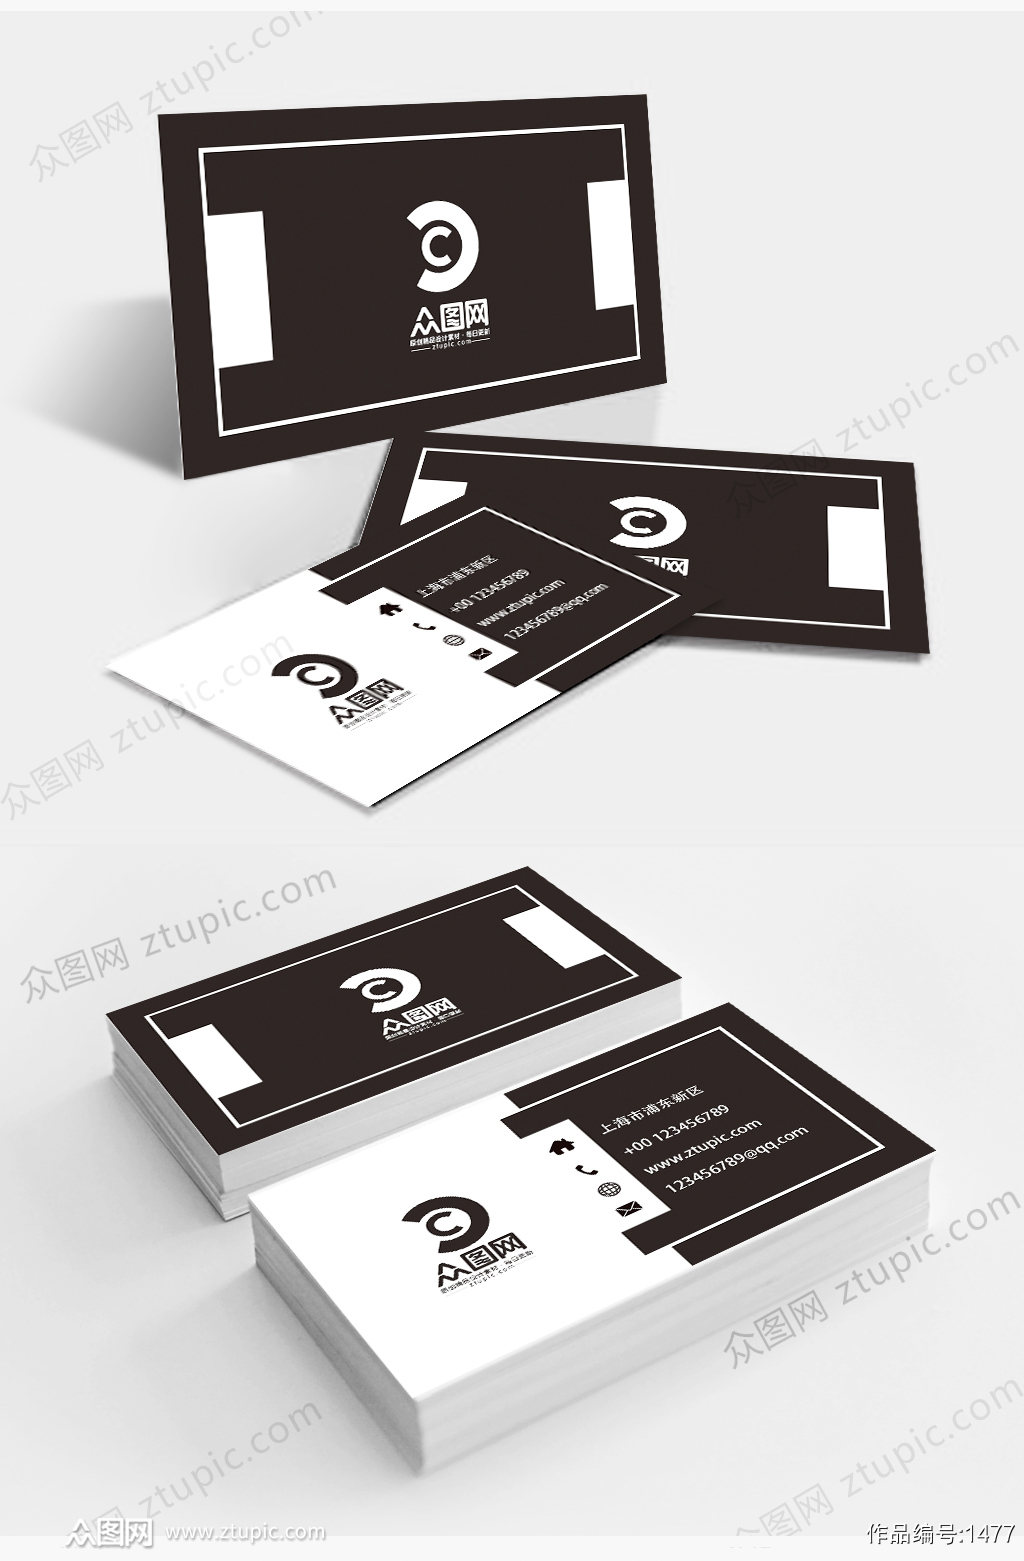 黑白简约大气企业名片设计素材